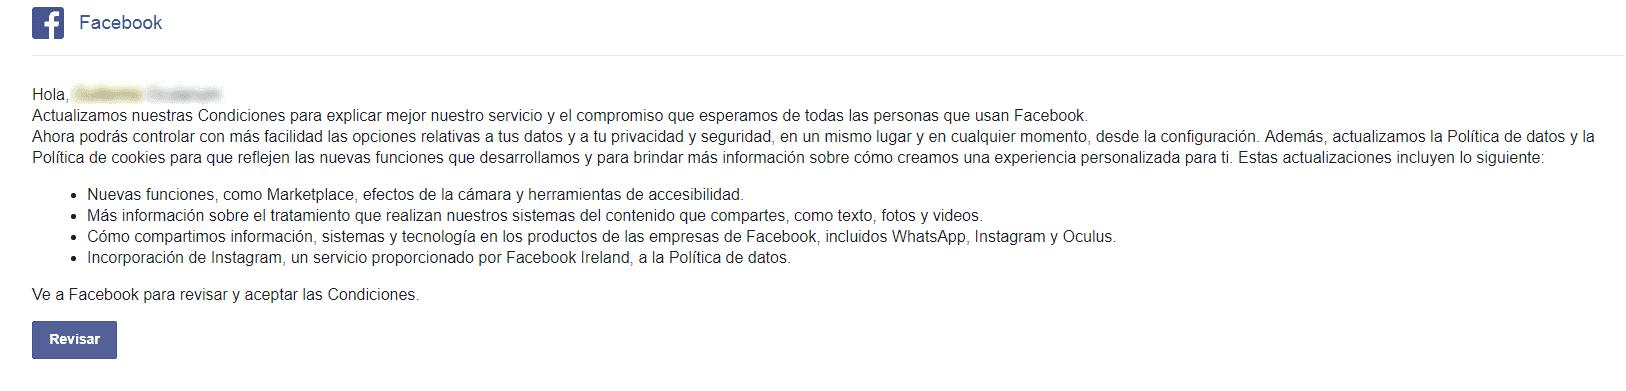 las nuevas reglas de privacidad de Facebook 1